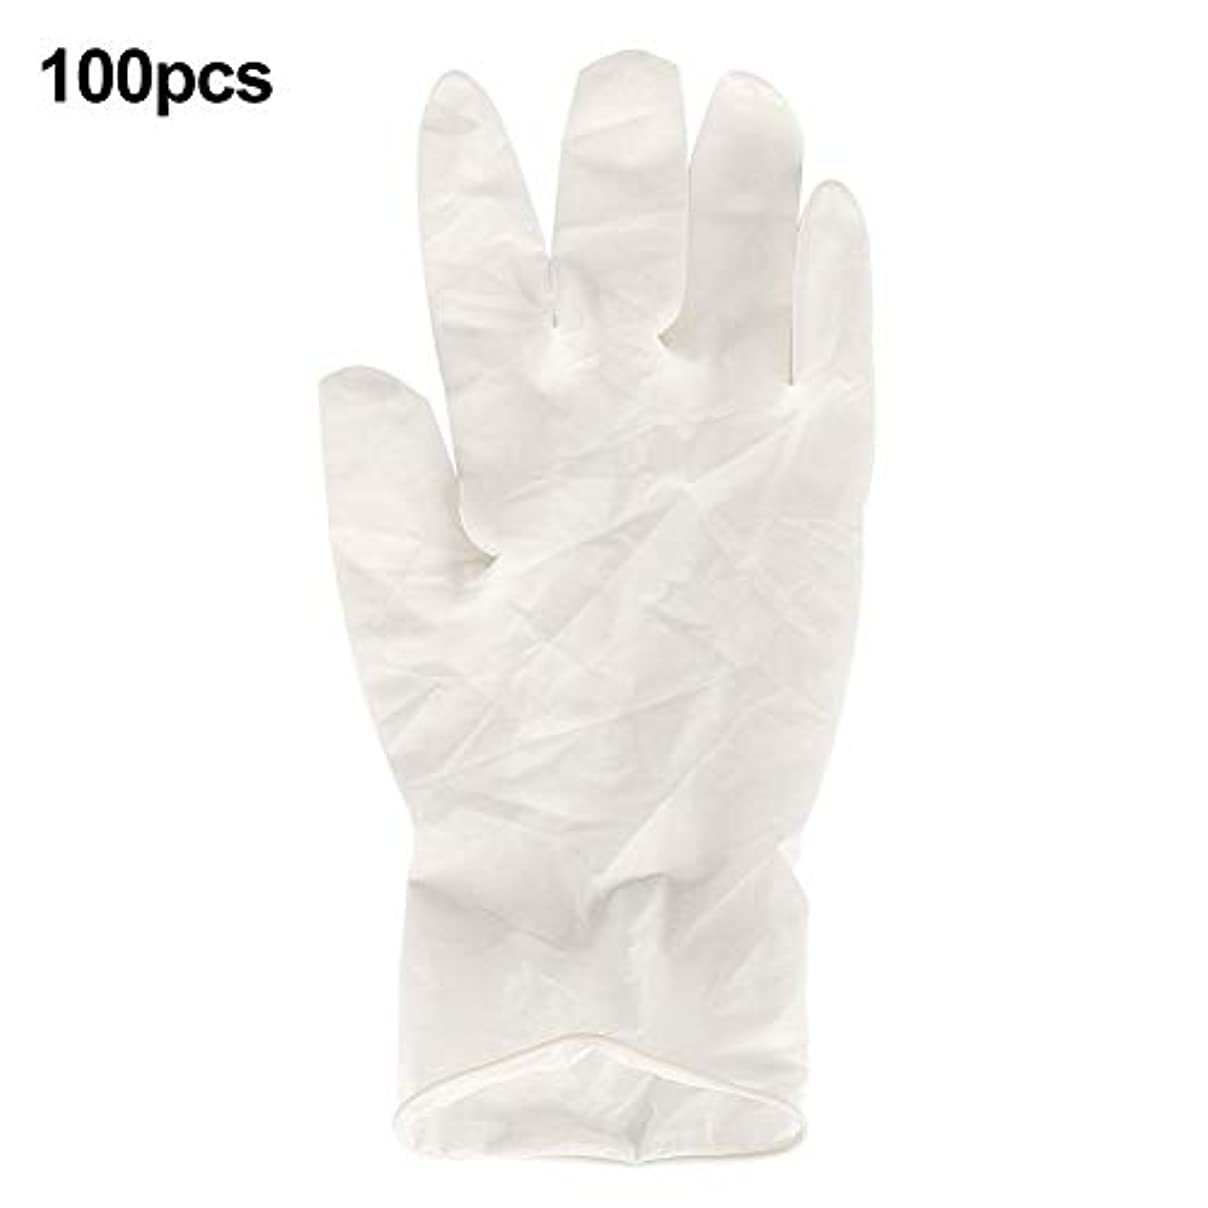 ポーク土のれんQiilu ラテックス手袋 使い捨て手袋 ゴム手袋 100個(小型)